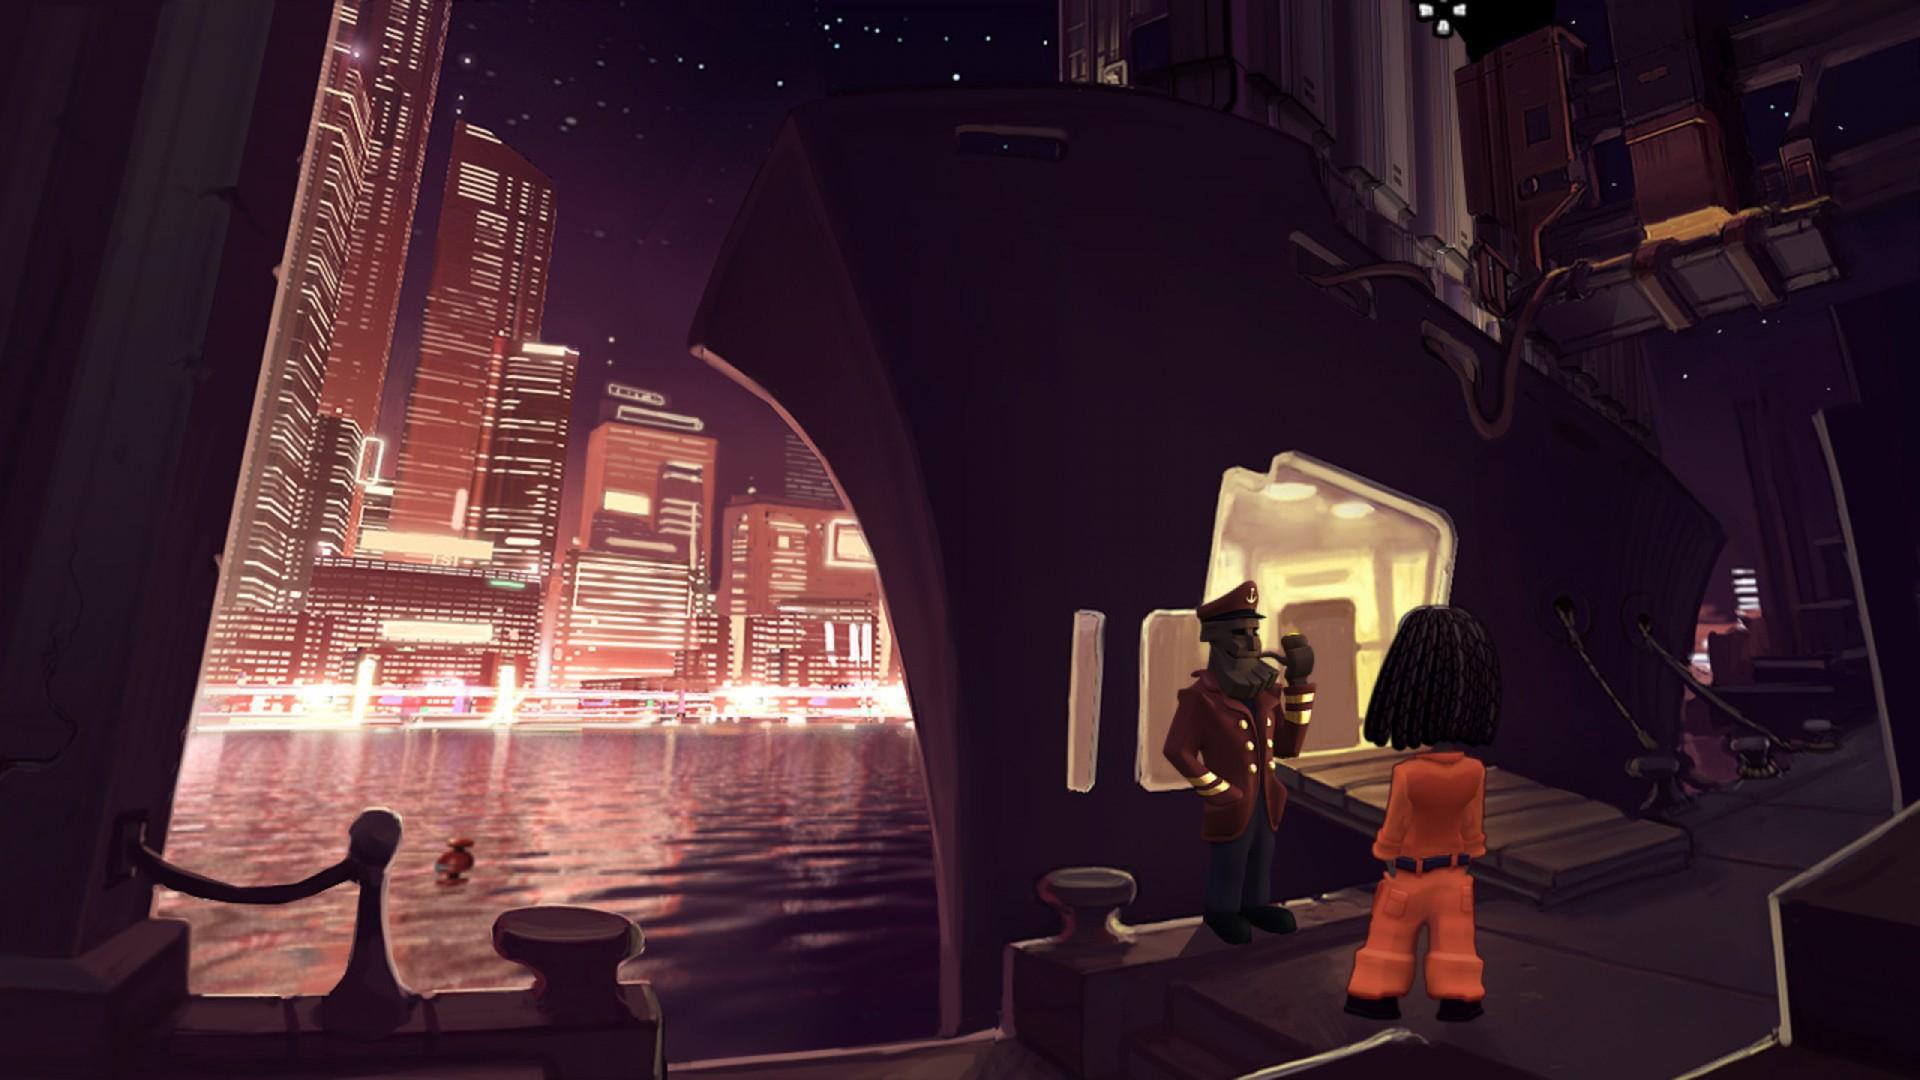 com.steam.220090-screenshot